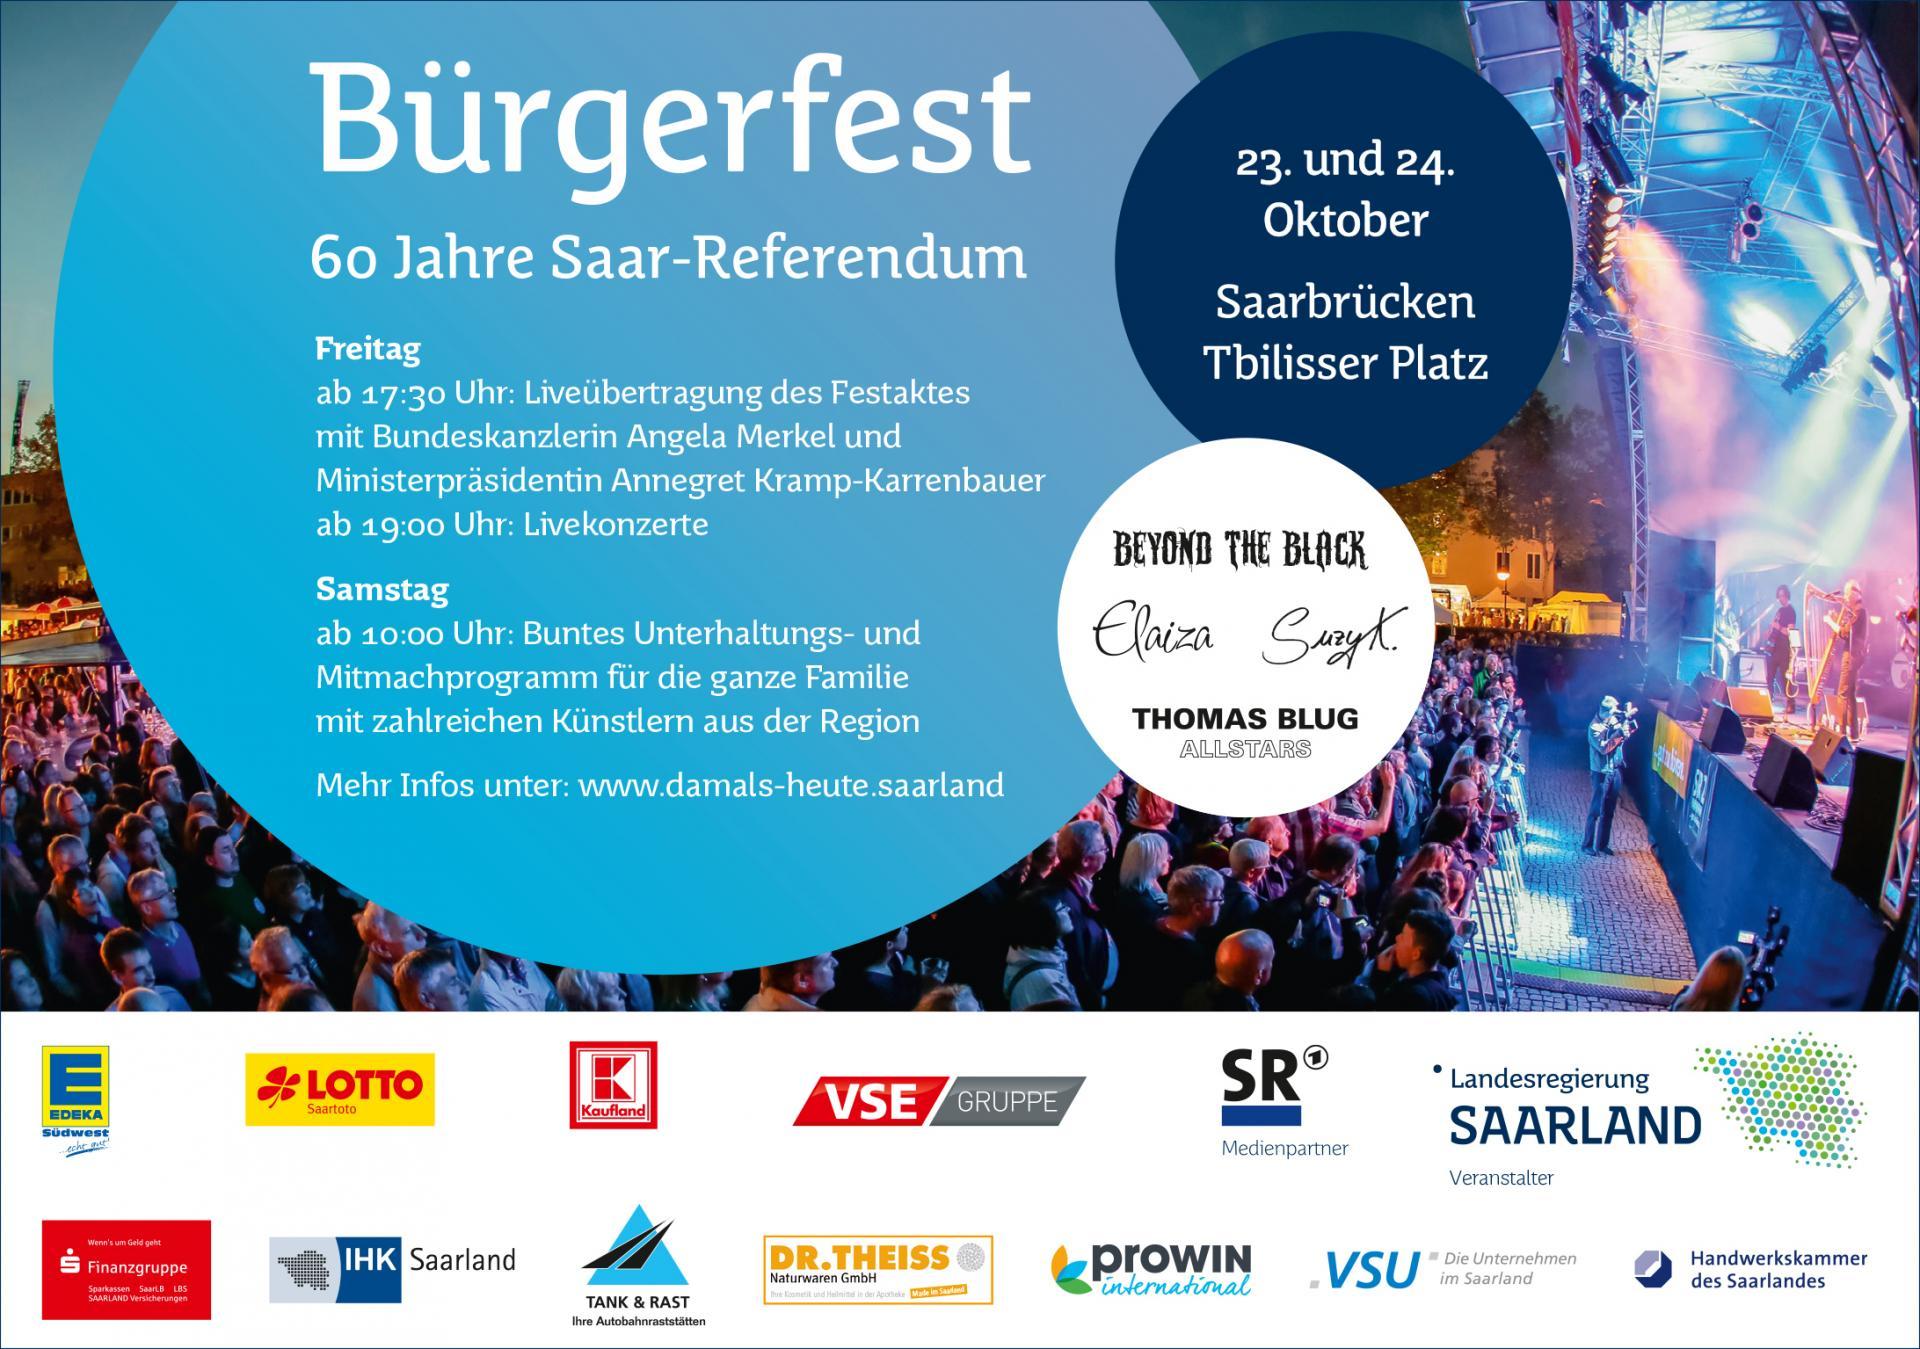 Burgerfest logo 1 15 0153 1 az ihk 185x130 neu l11